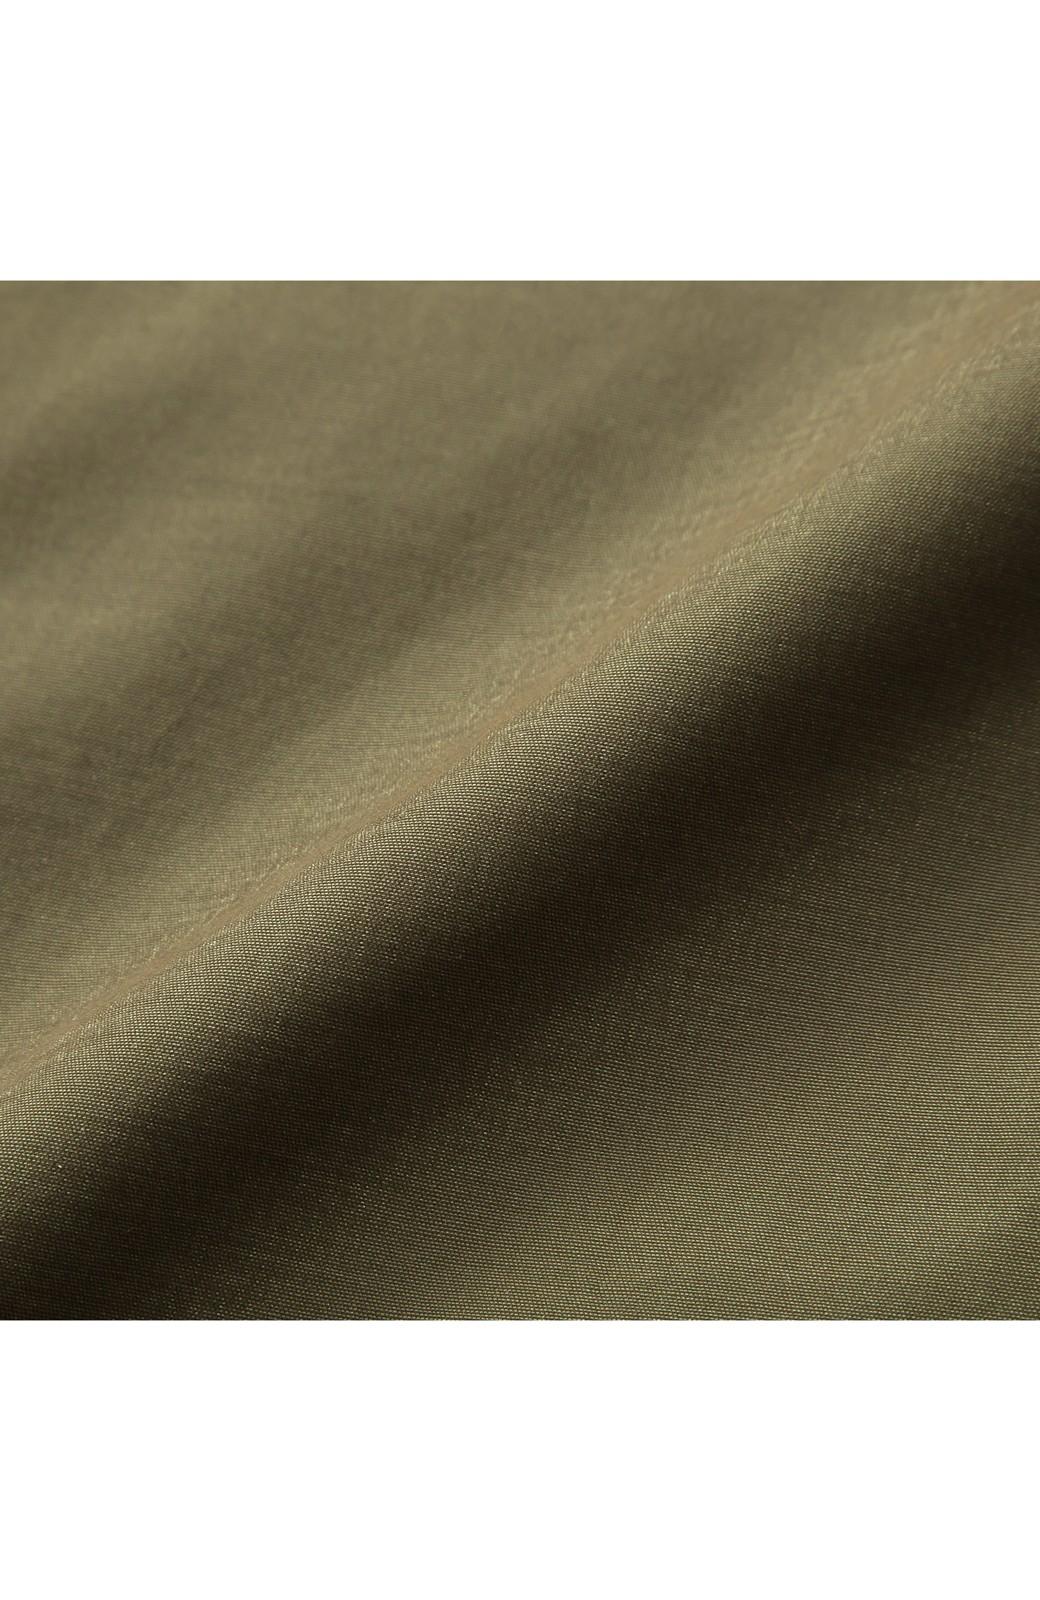 ロジーズ ボリュームファーのモッズコート <カーキ>の商品写真3